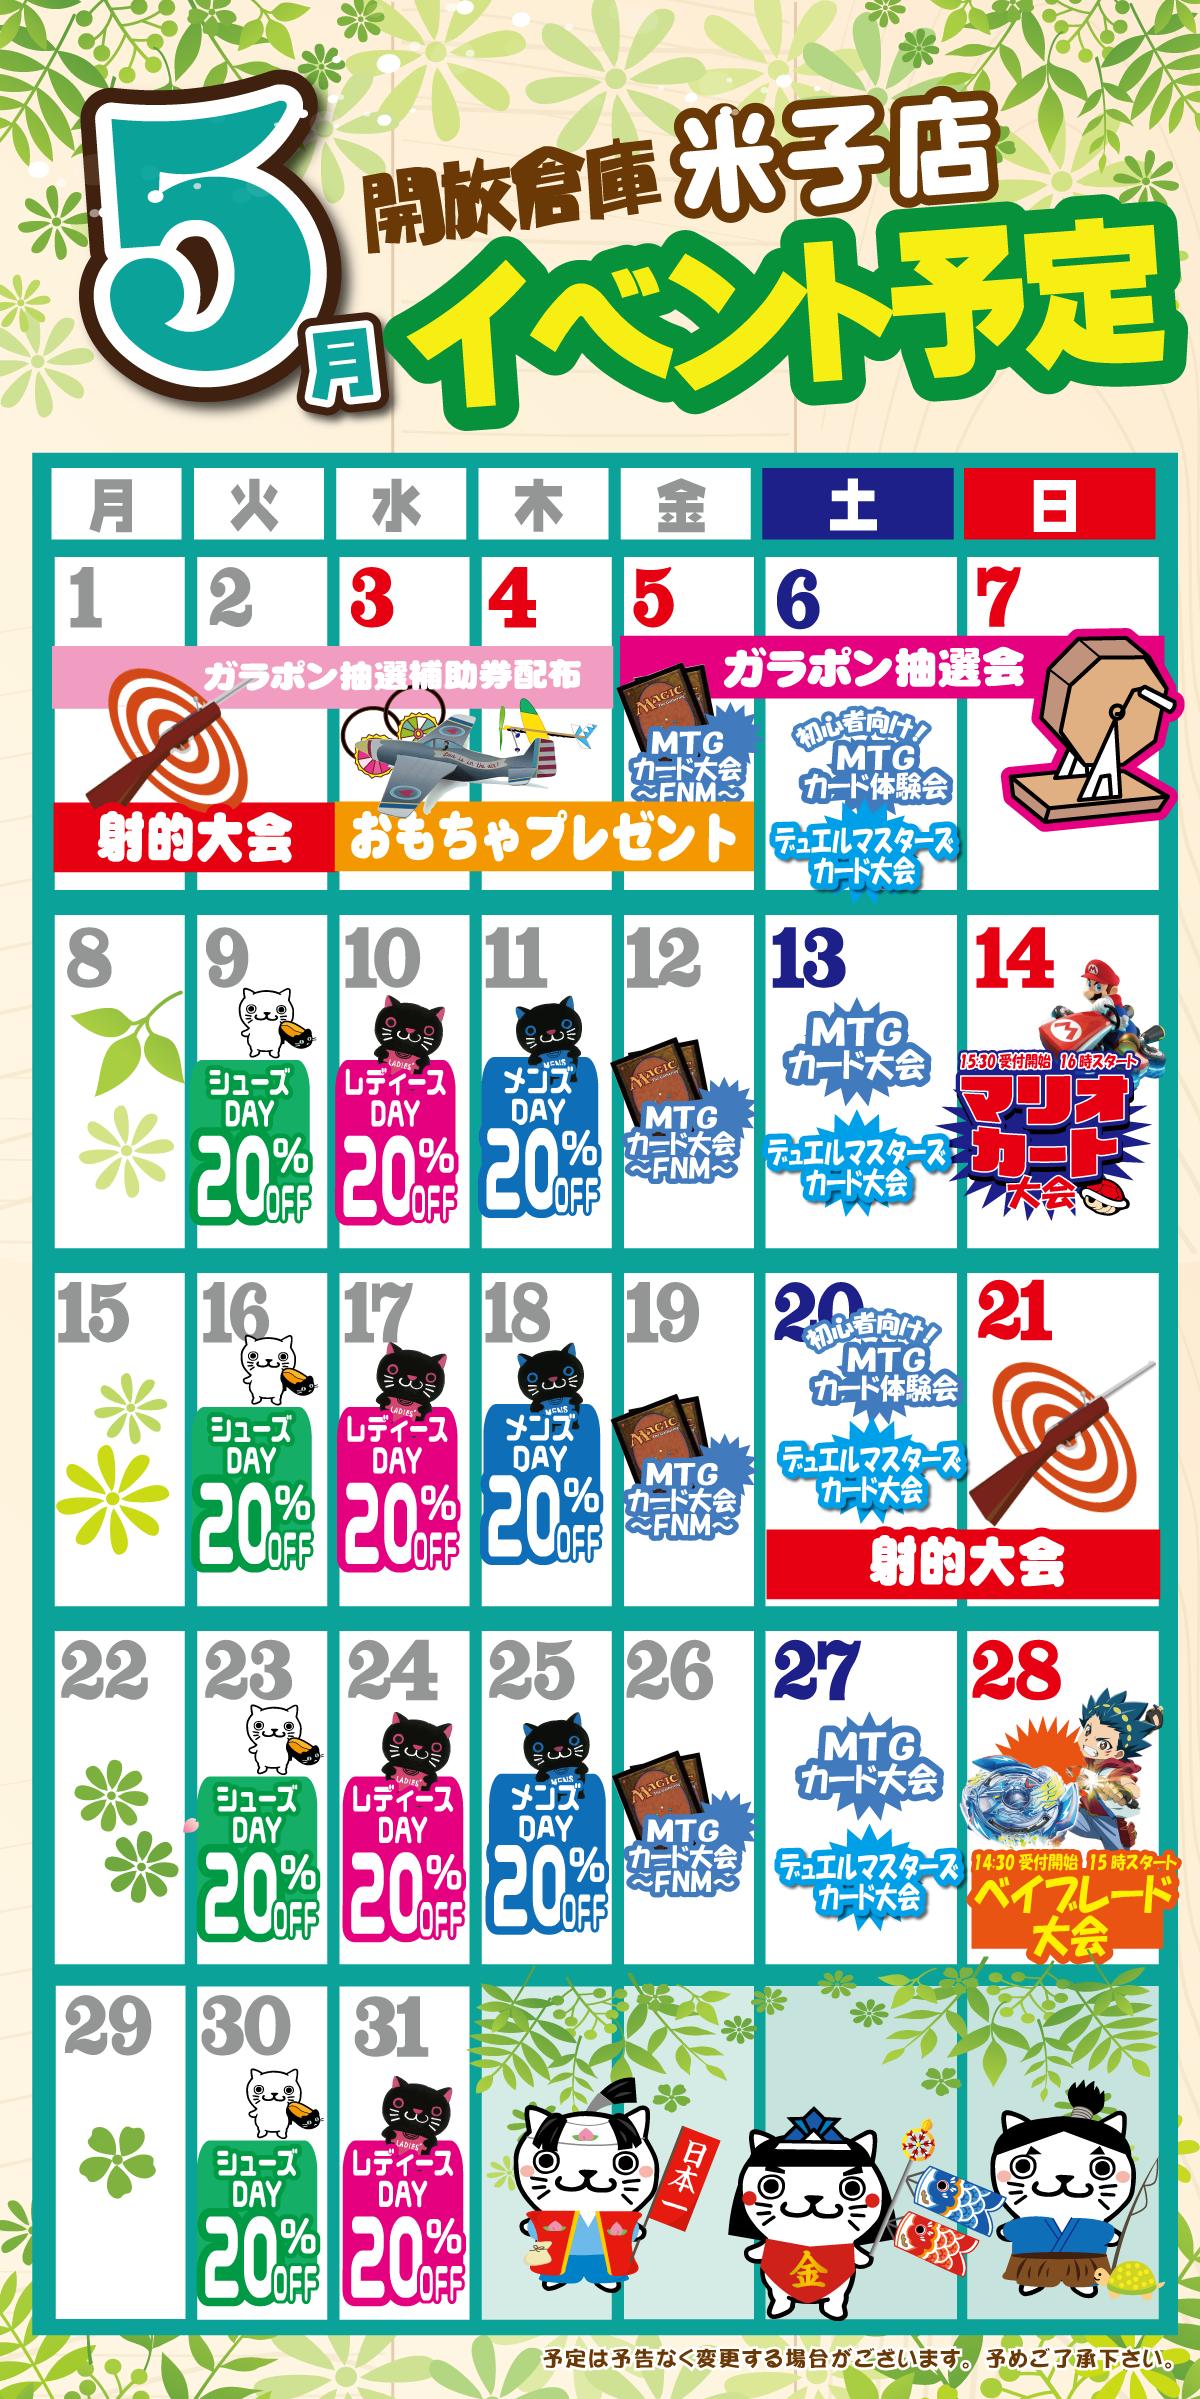 「開放倉庫米子店」2017年5月のイベントカレンダー更新!